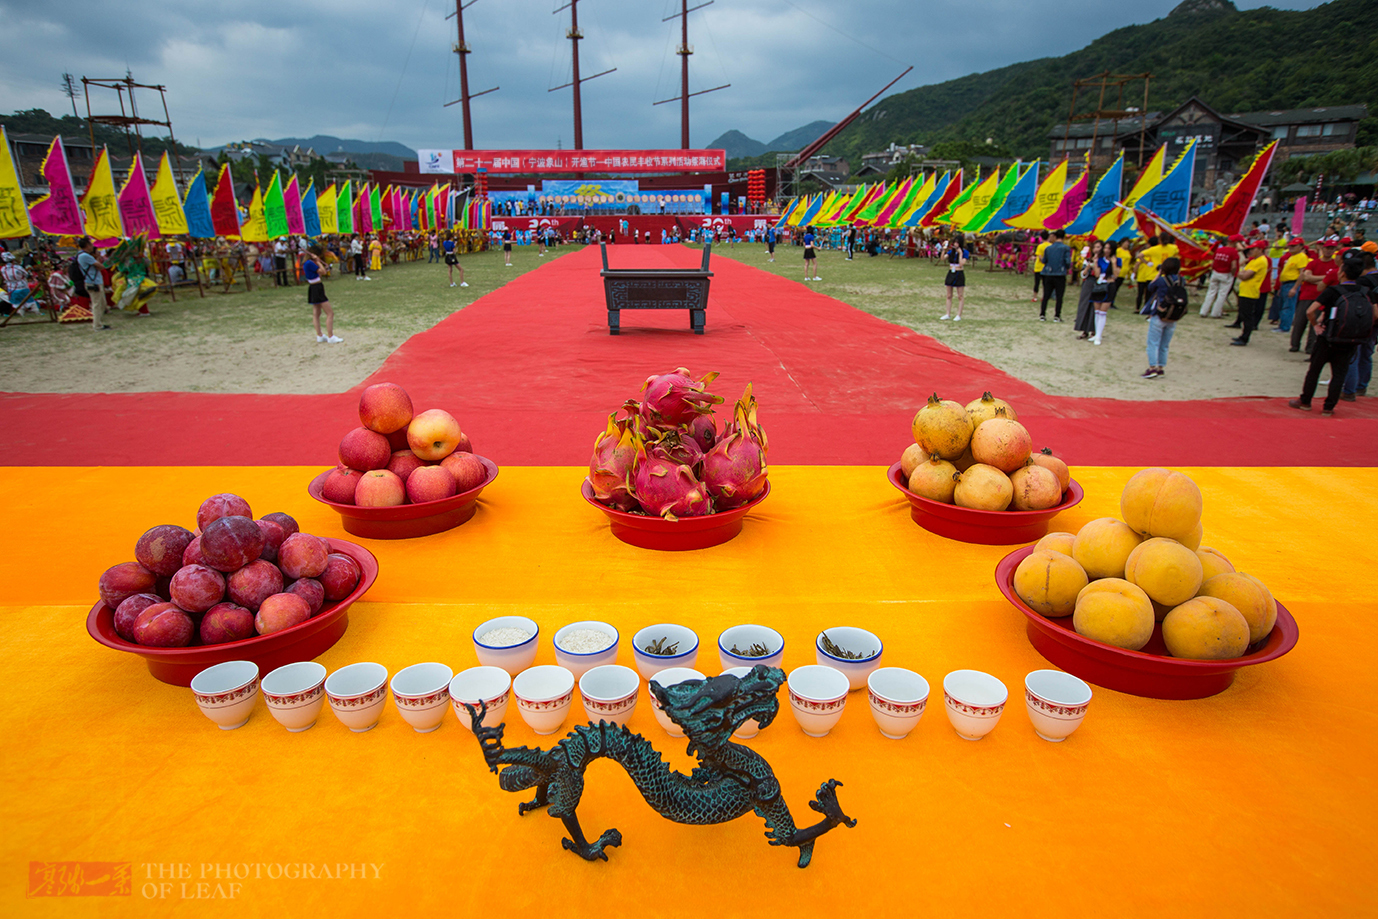 浙江象山开渔节,再现象山渔民古老而神圣的典礼,很多人没见过